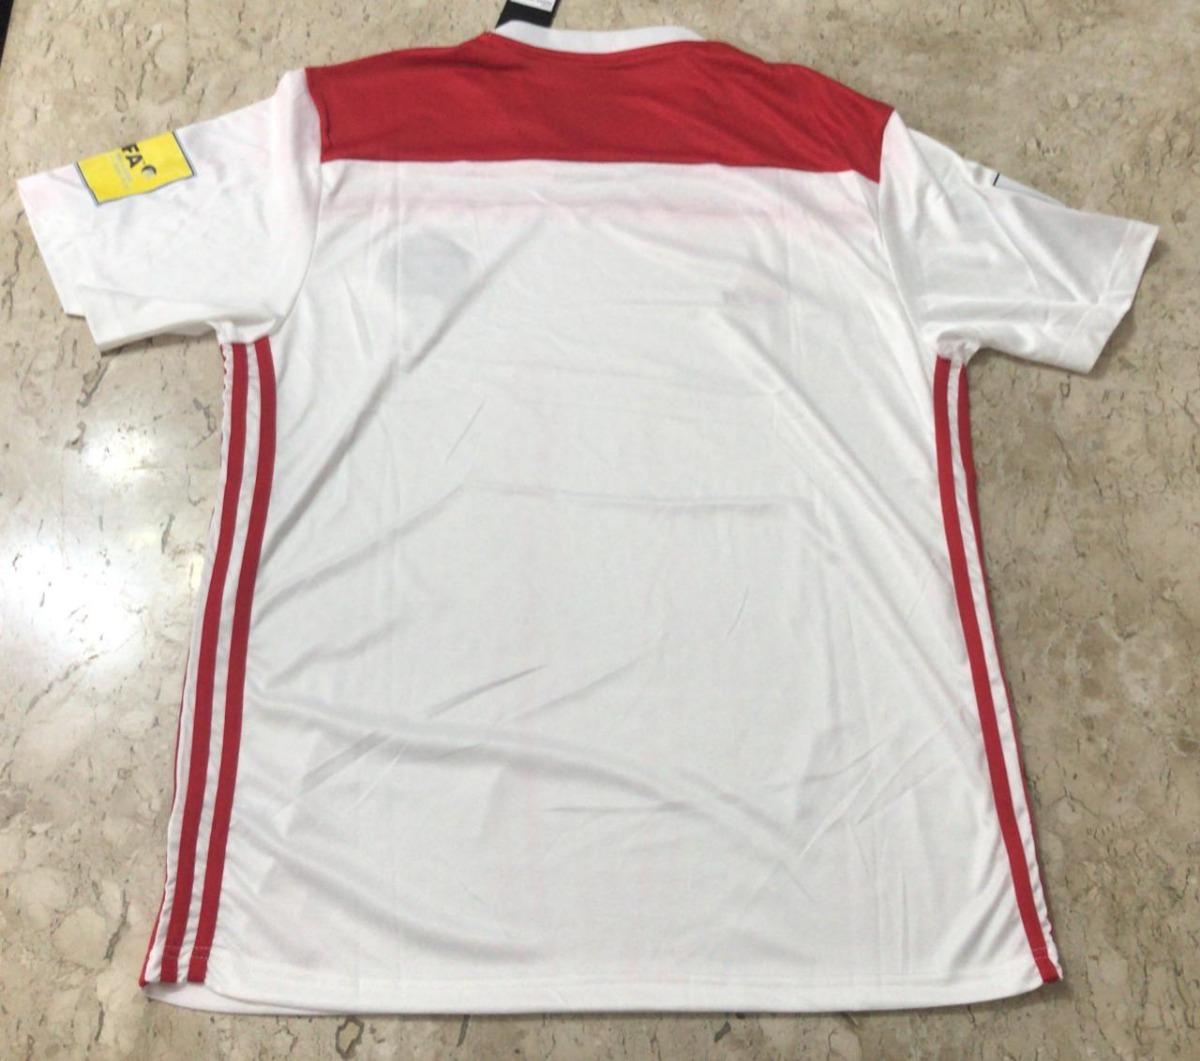 5b82b41bd0 Camisa adidas Seleção De Marrocos 2018 - Pronta Entrega! - R  160